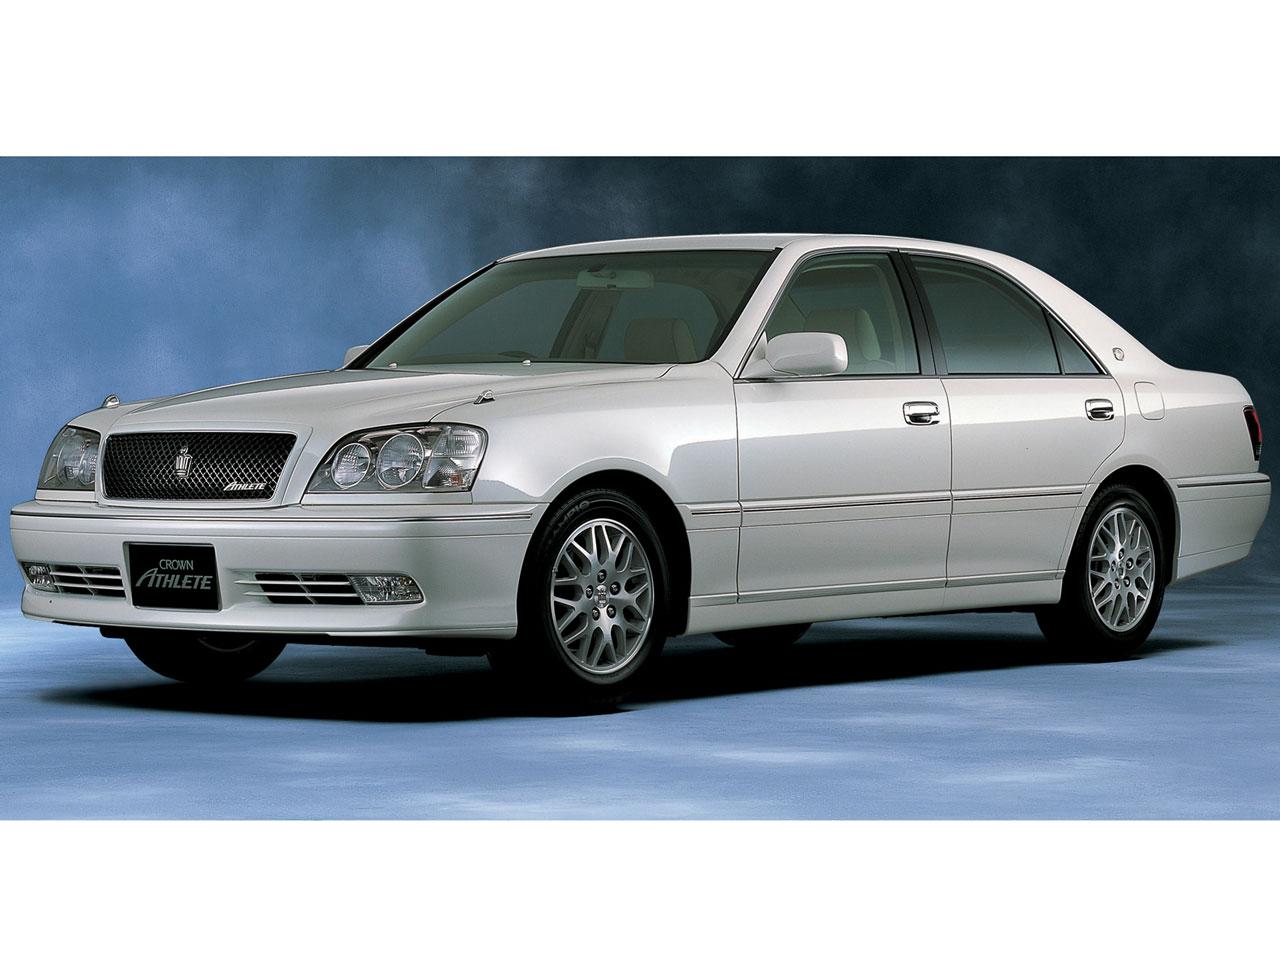 トヨタ クラウン アスリート 1999年モデル 新車画像